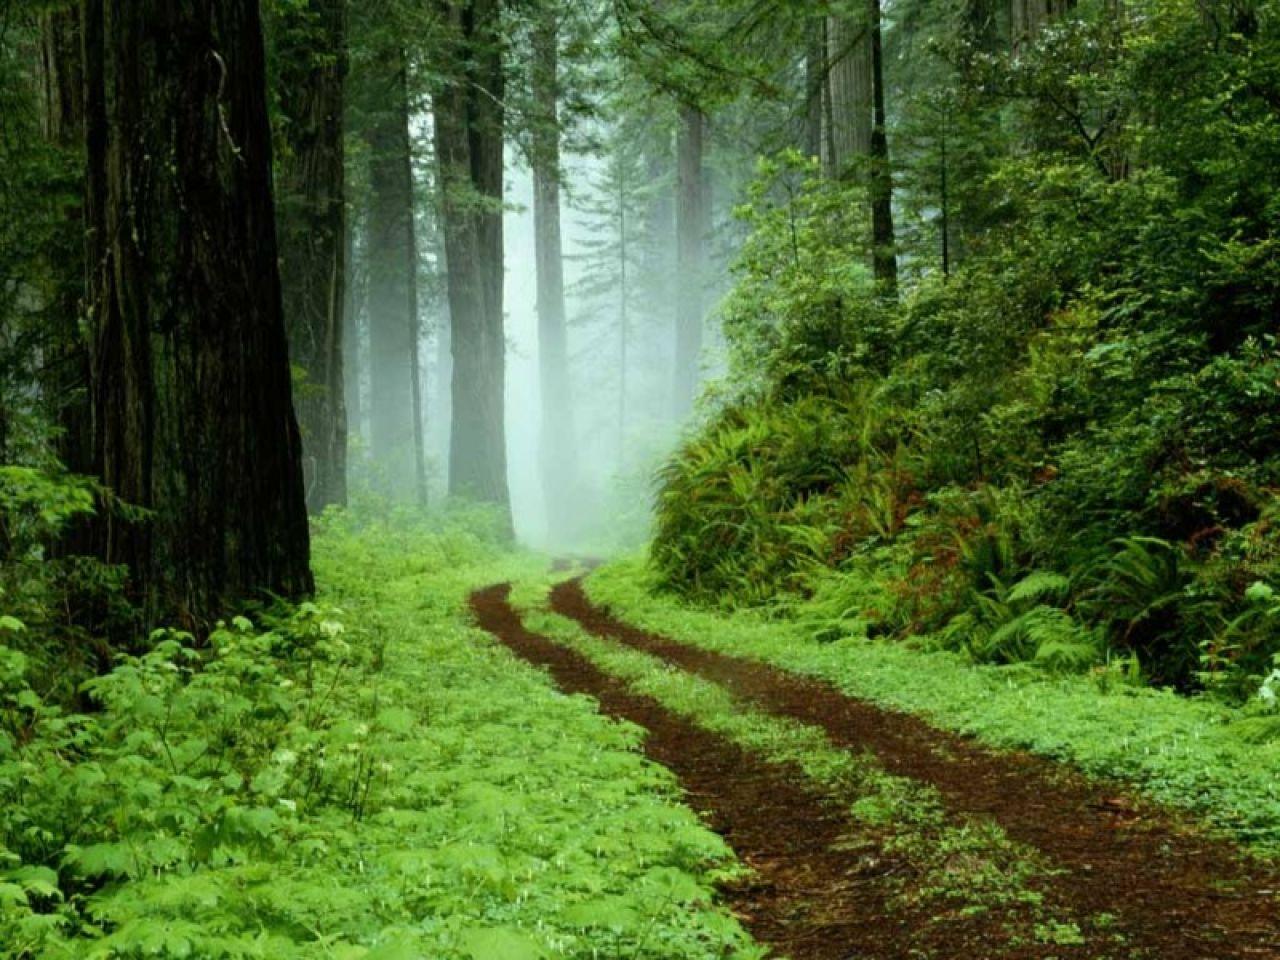 http://2.bp.blogspot.com/-wAD2Um7AERM/TcRpqmWR_pI/AAAAAAAABP0/rkziEs0xpKg/s1600/bosques-9.jpg